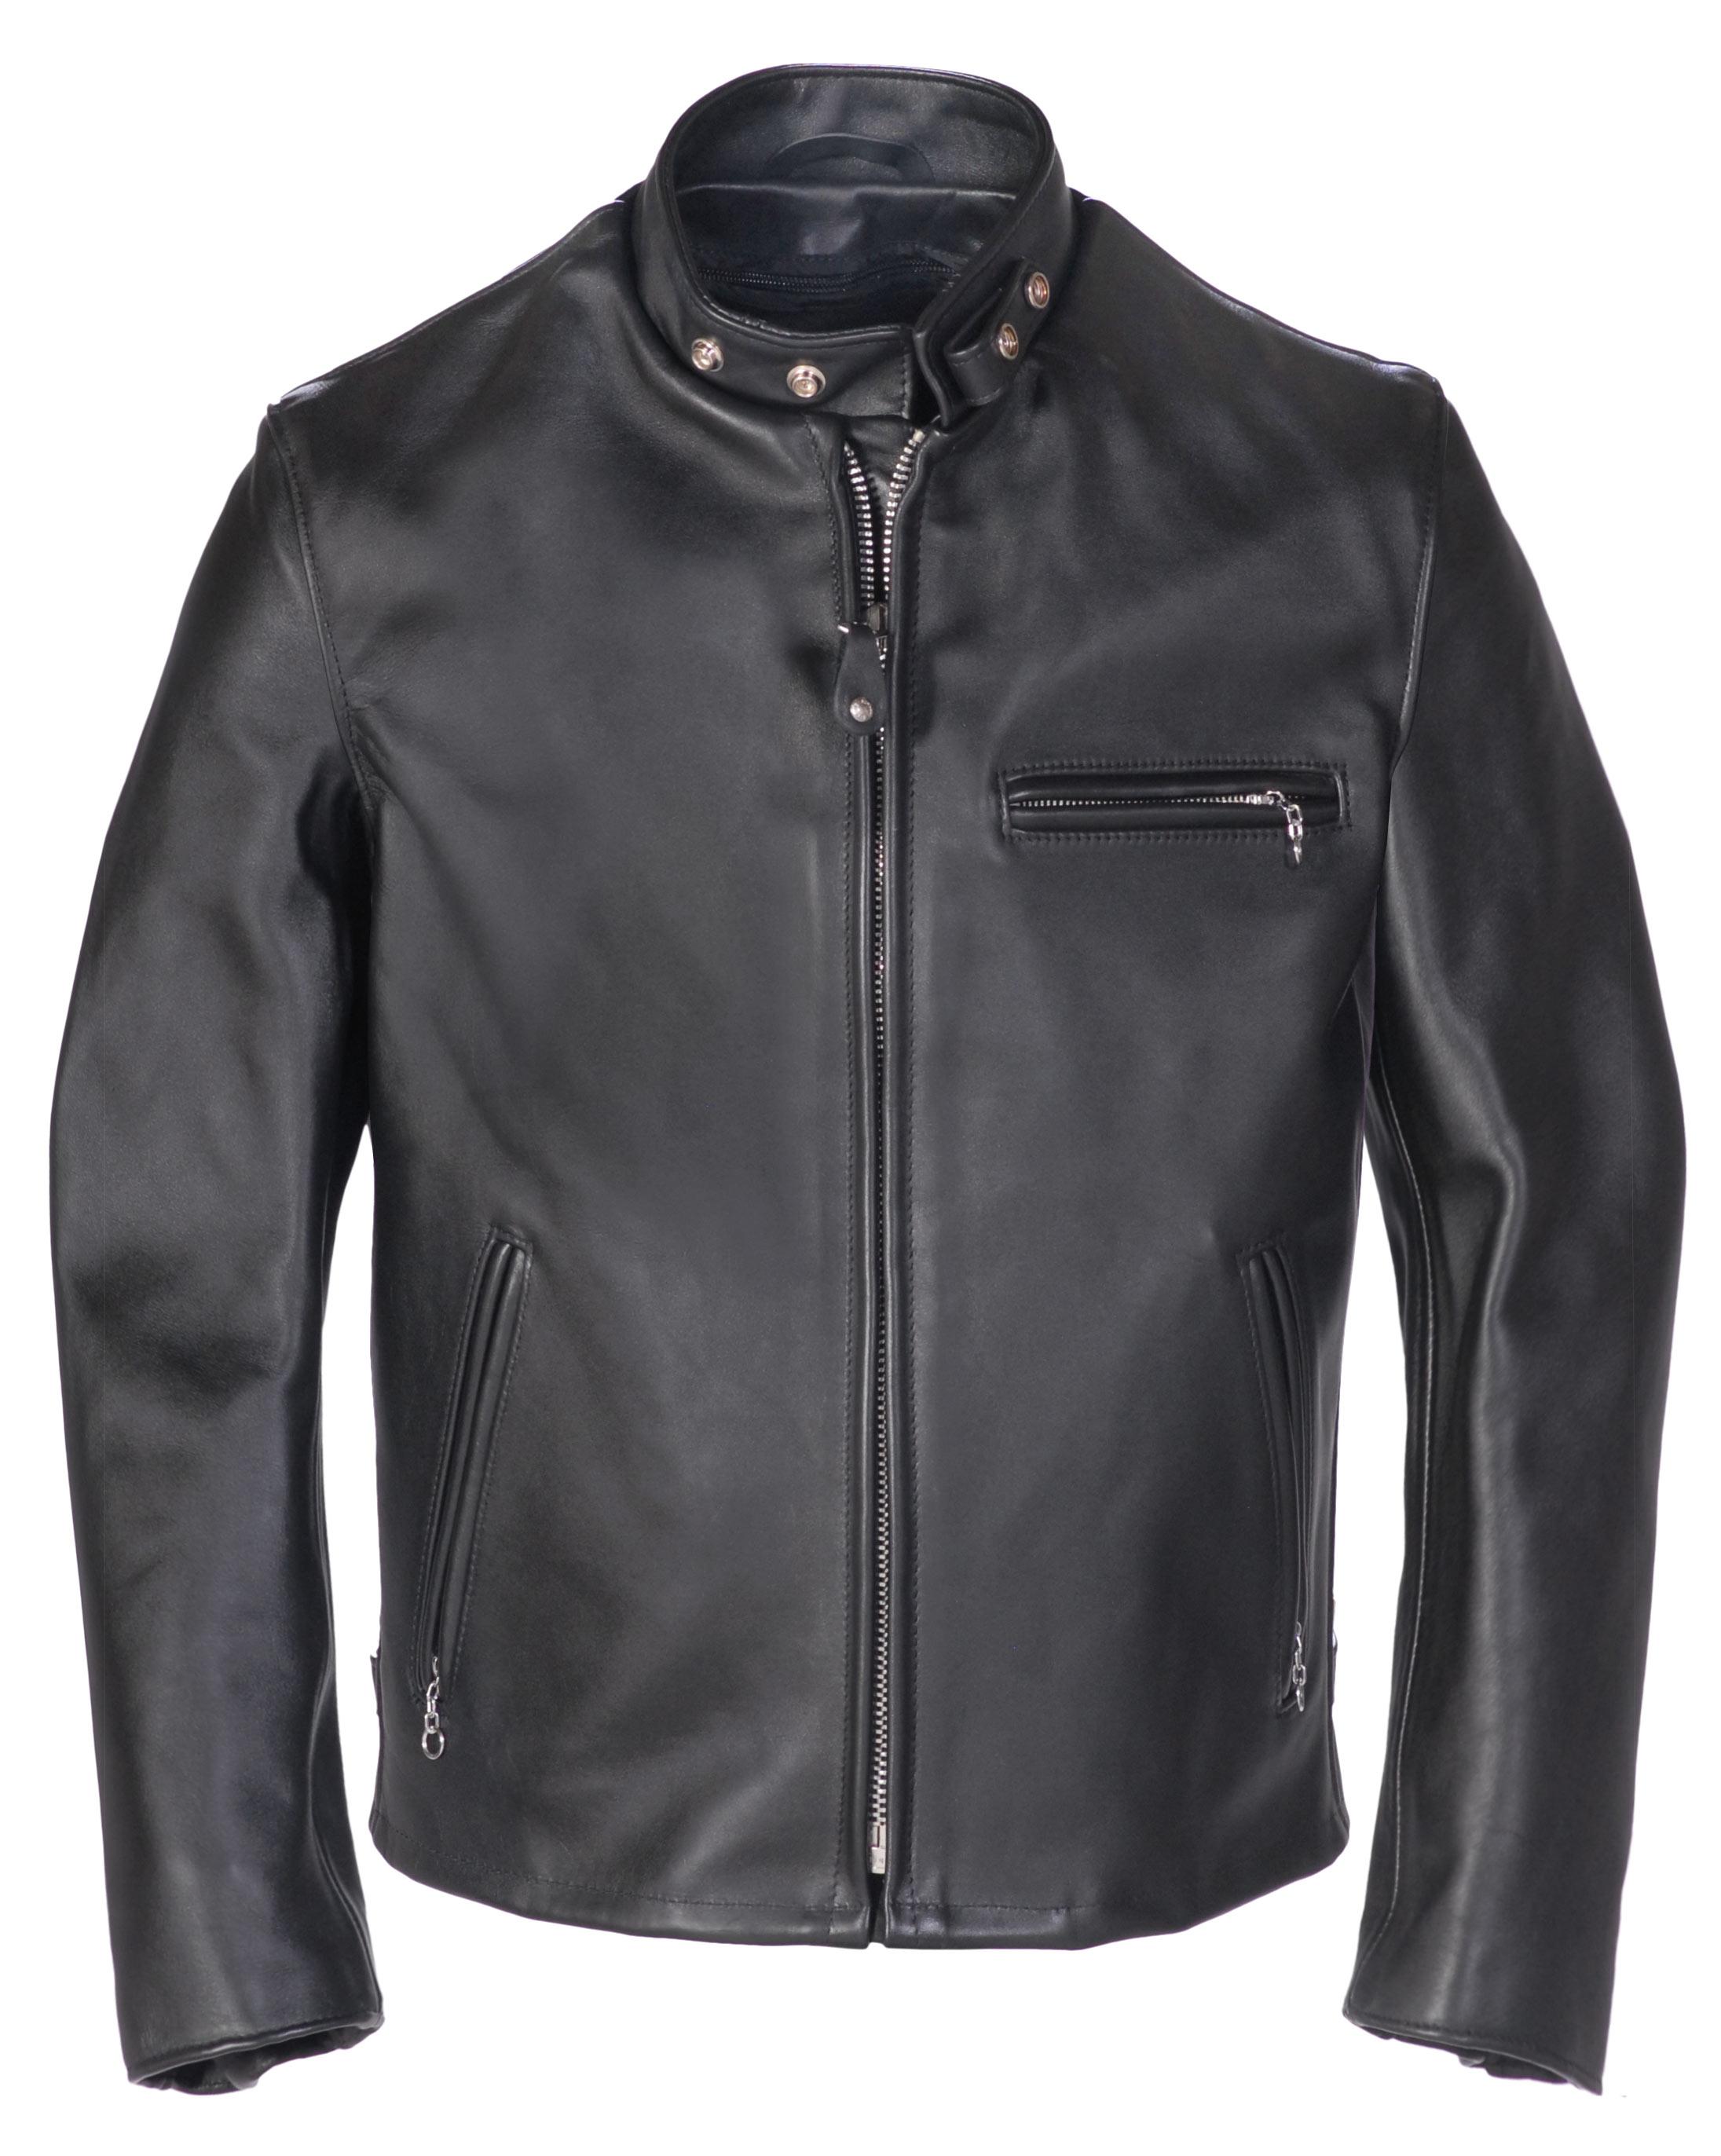 Schott N.Y.C. 641 Single Rider Steerhide Leather Motorcycle Jacket